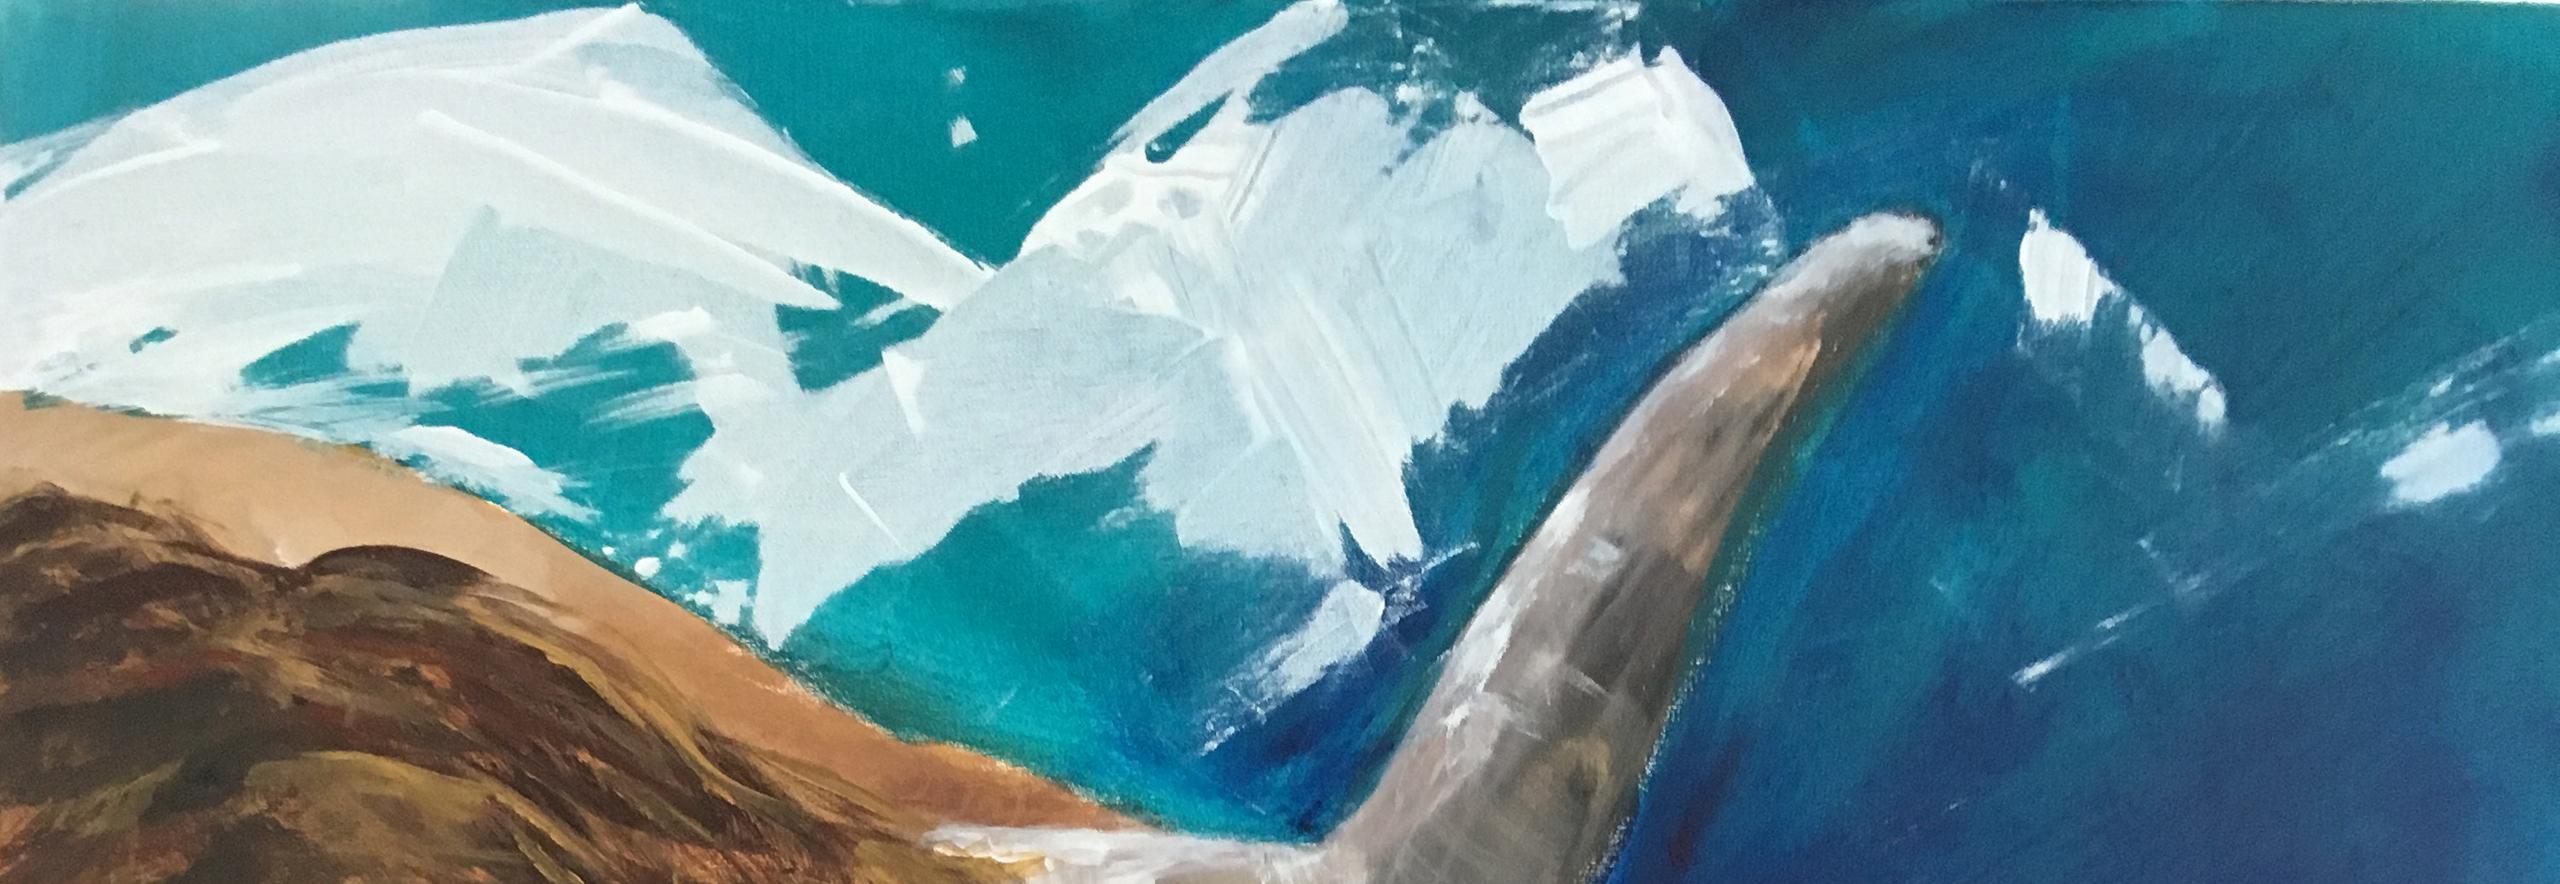 """Tiere / Animals Sylvia Gatz. """"Ronda (Detail)"""". 80 x 60 cm. Acryl auf Leinwand. 2021"""